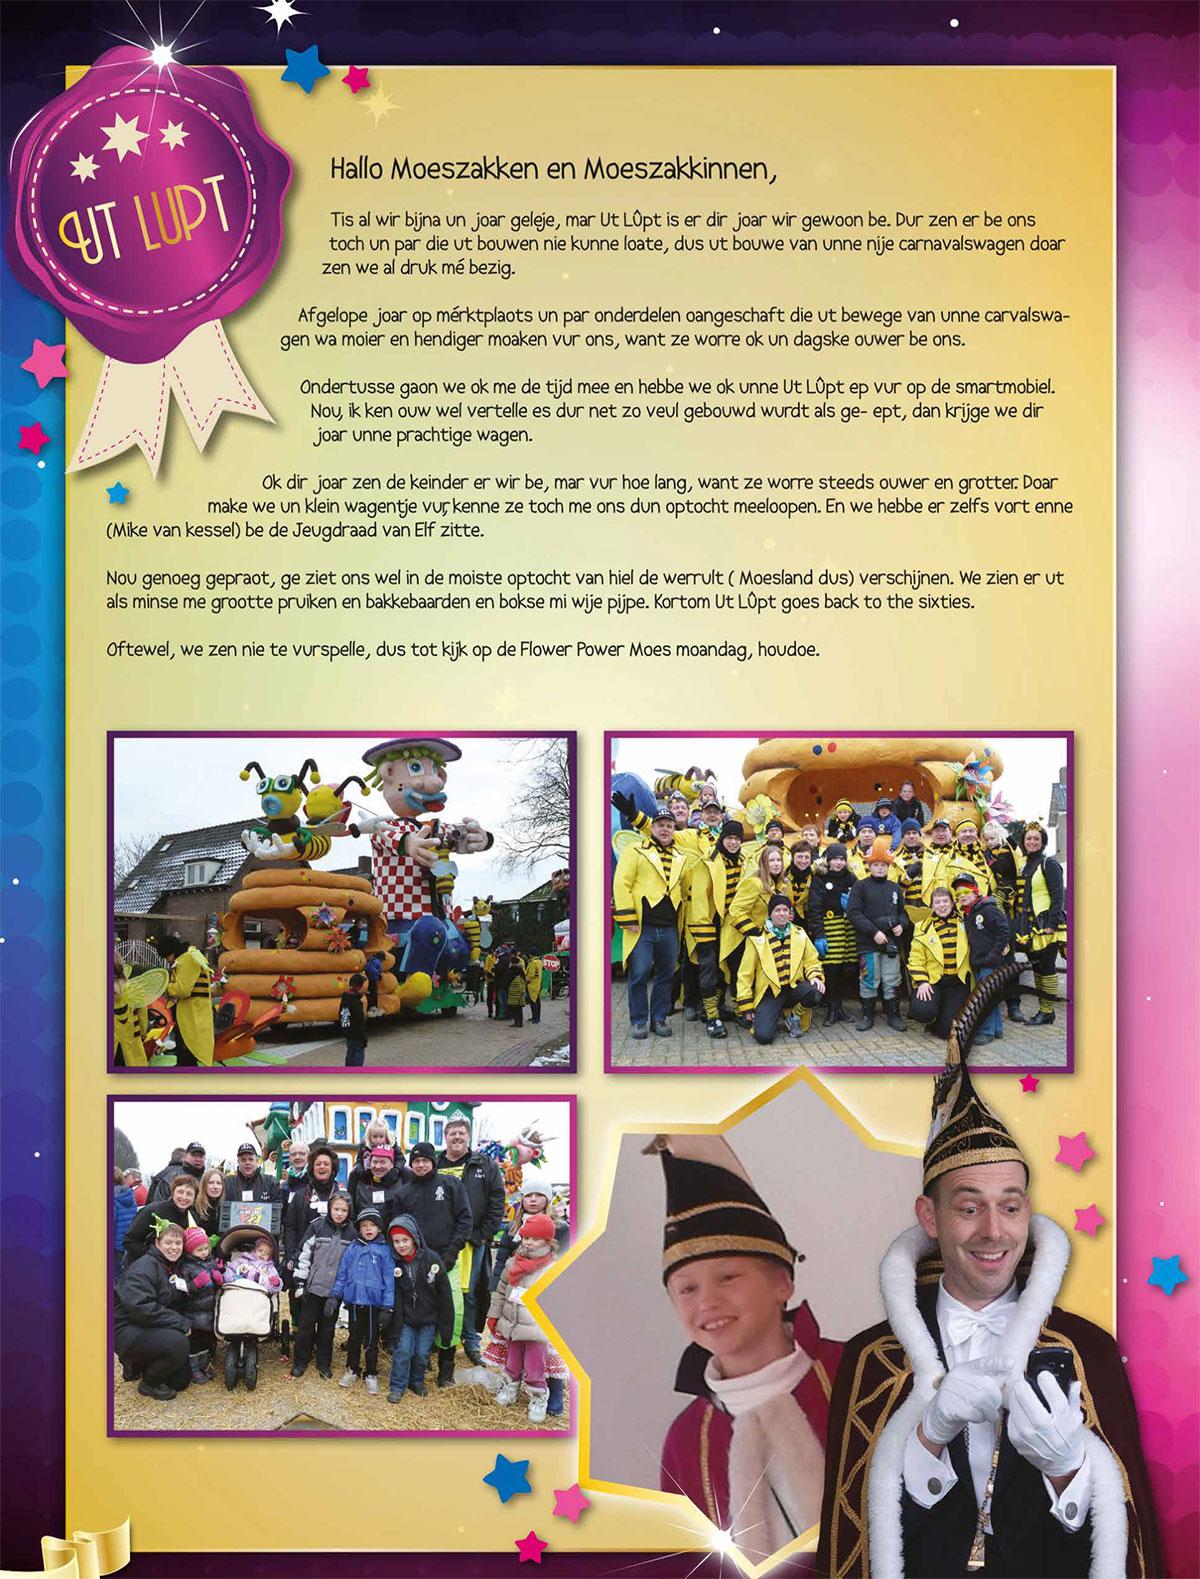 Stukje van Ut Lupt uit de carnavalskrant van Schaijk - 2014